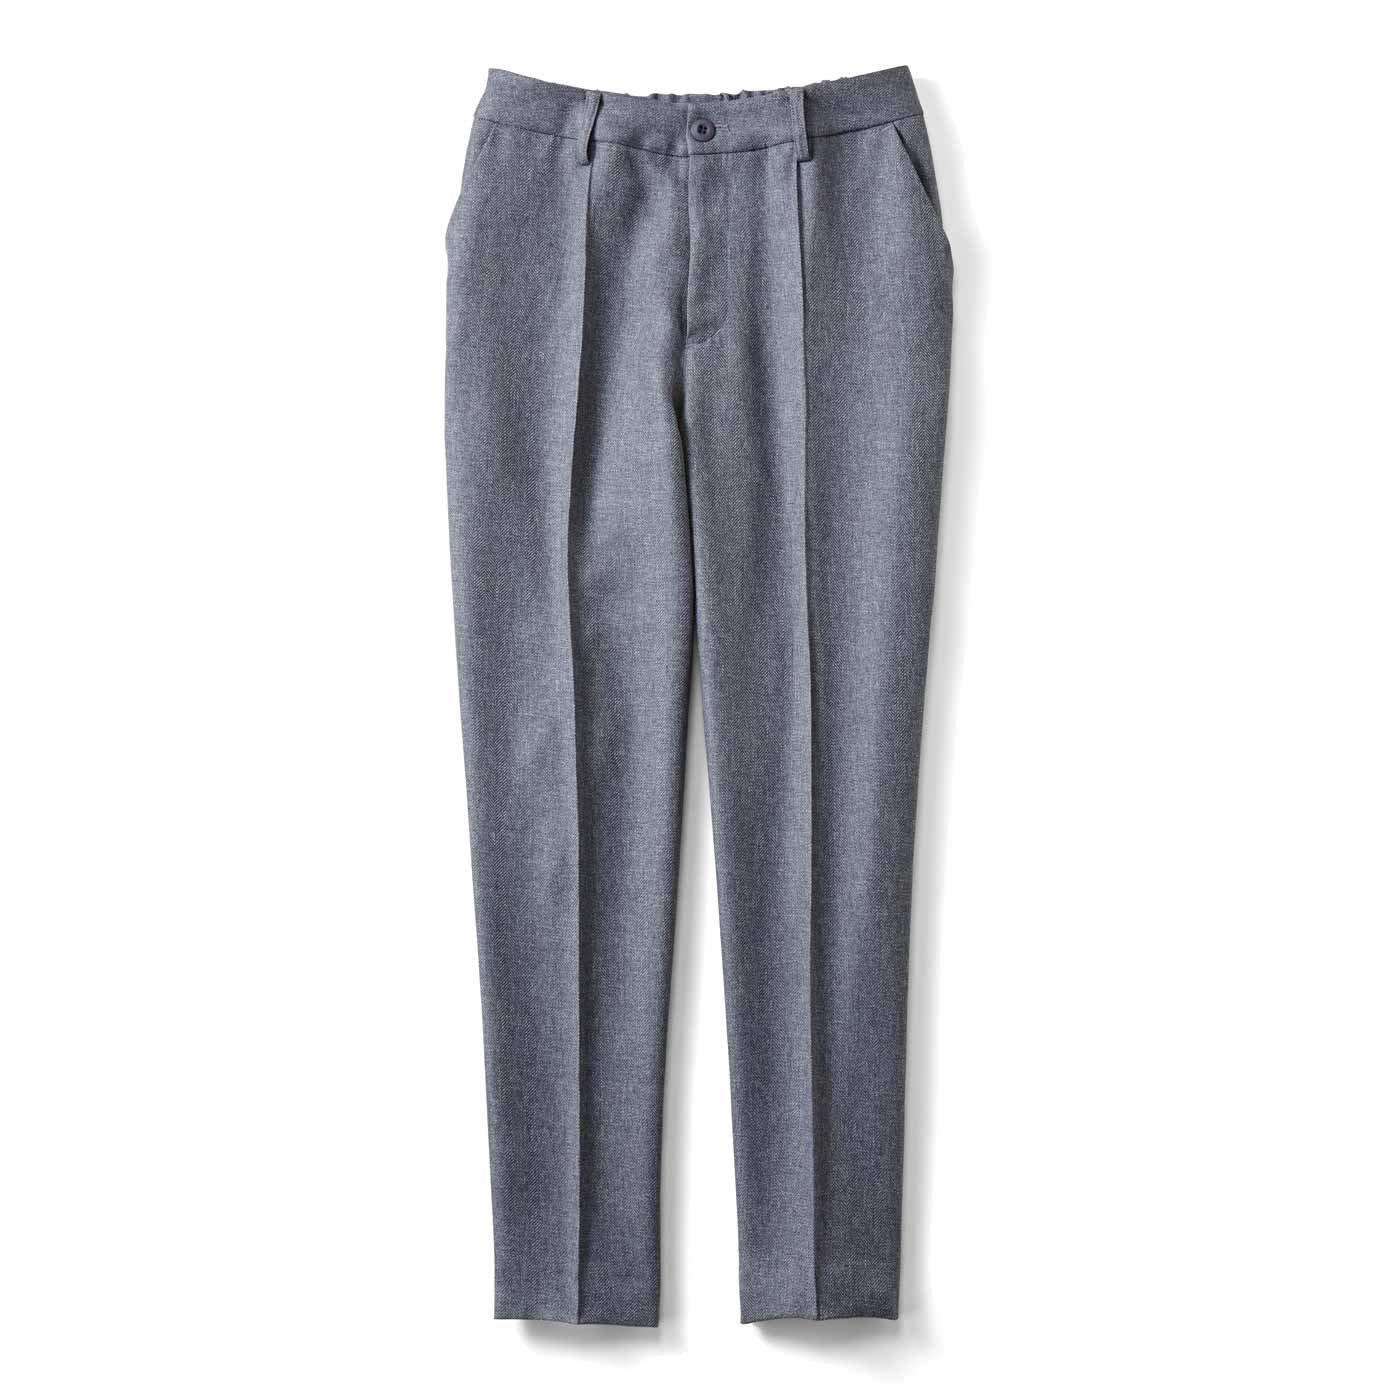 IEDIT[イディット] ウールライク素材で快適なはき心地 センターステッチでスッキリ見え美脚パンツ〈グレー〉